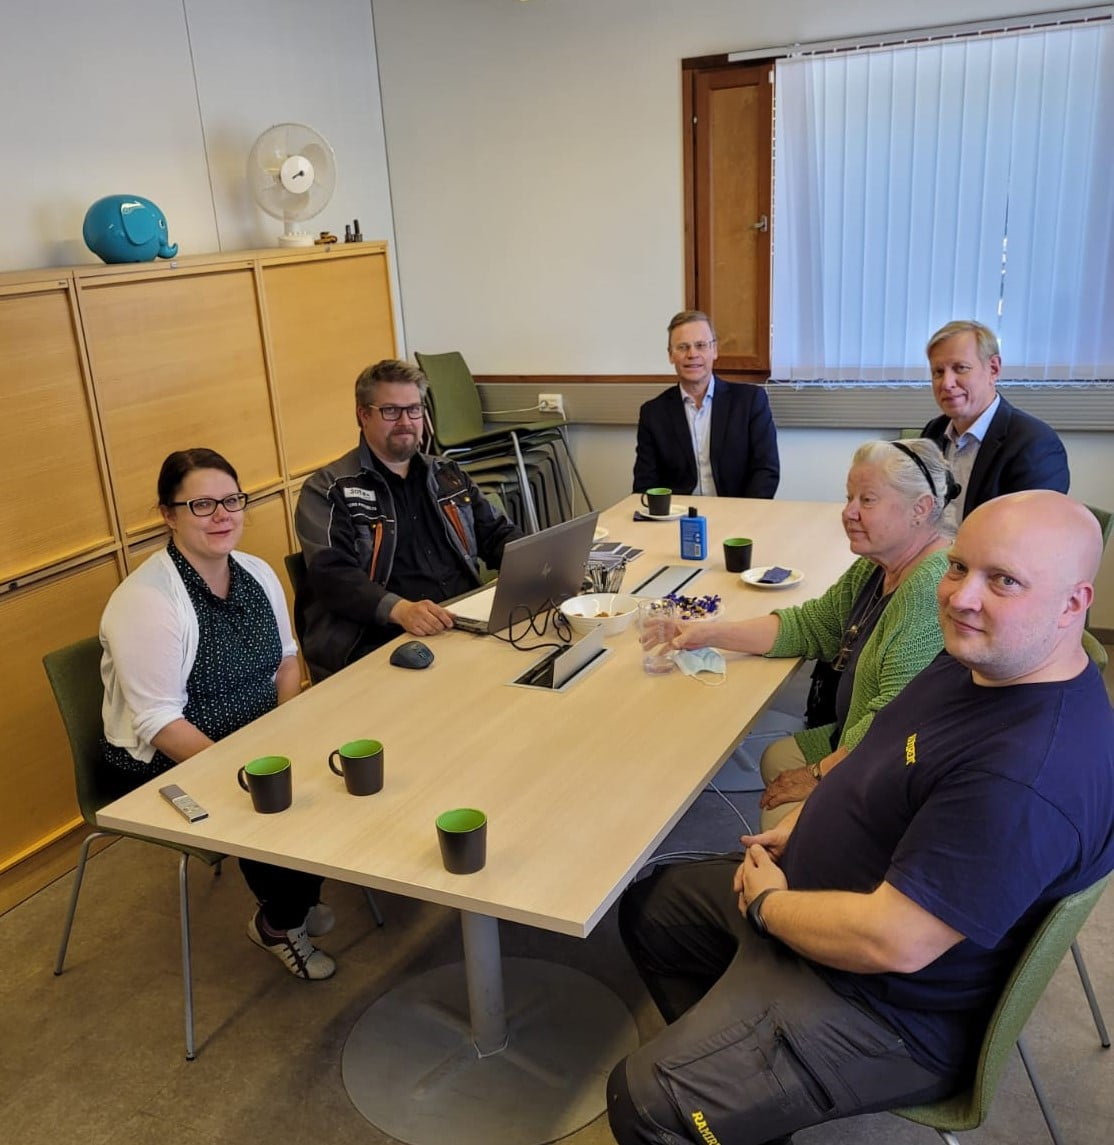 Jotex Works Oy:n hallitus henkilöt vasemmalta oikealle: Outi Pikkusilta, Tero Pikkusilta, Tarmo Karhapää, Ola Ulmala, Sisko Välimaa ja Jere Välimaa.